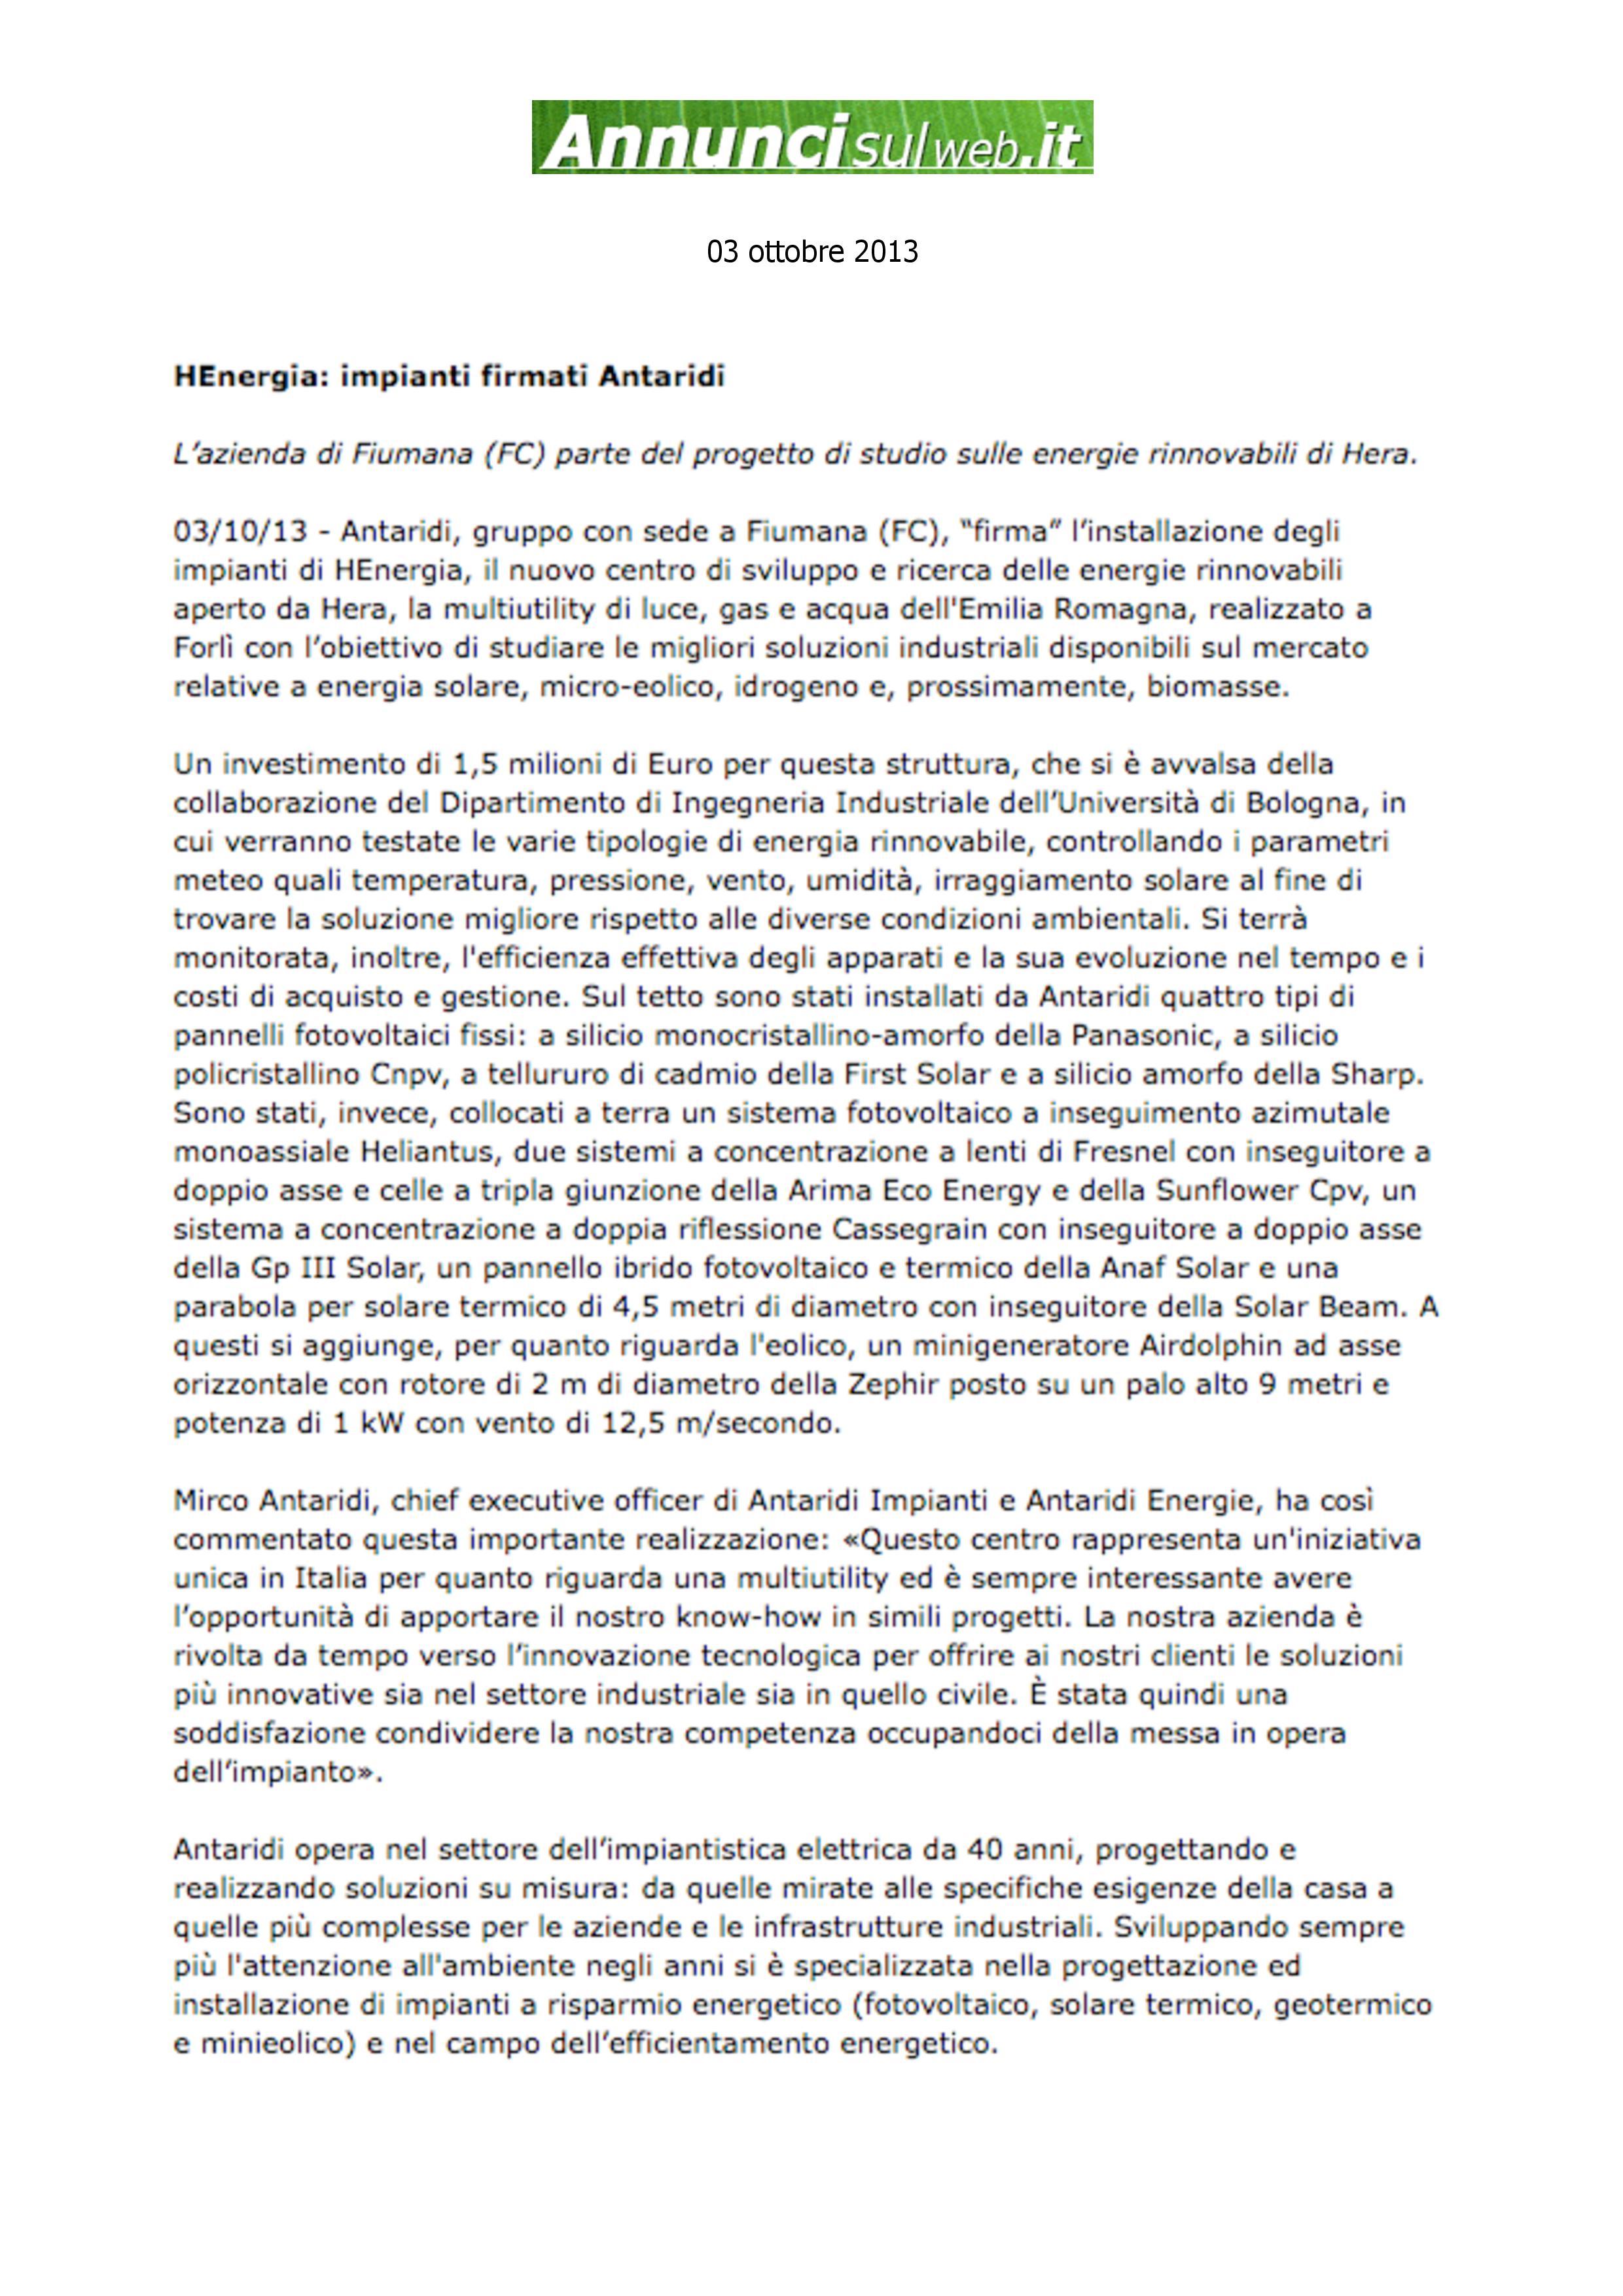 annunci-sul-web-it-03-10-2013-page-001